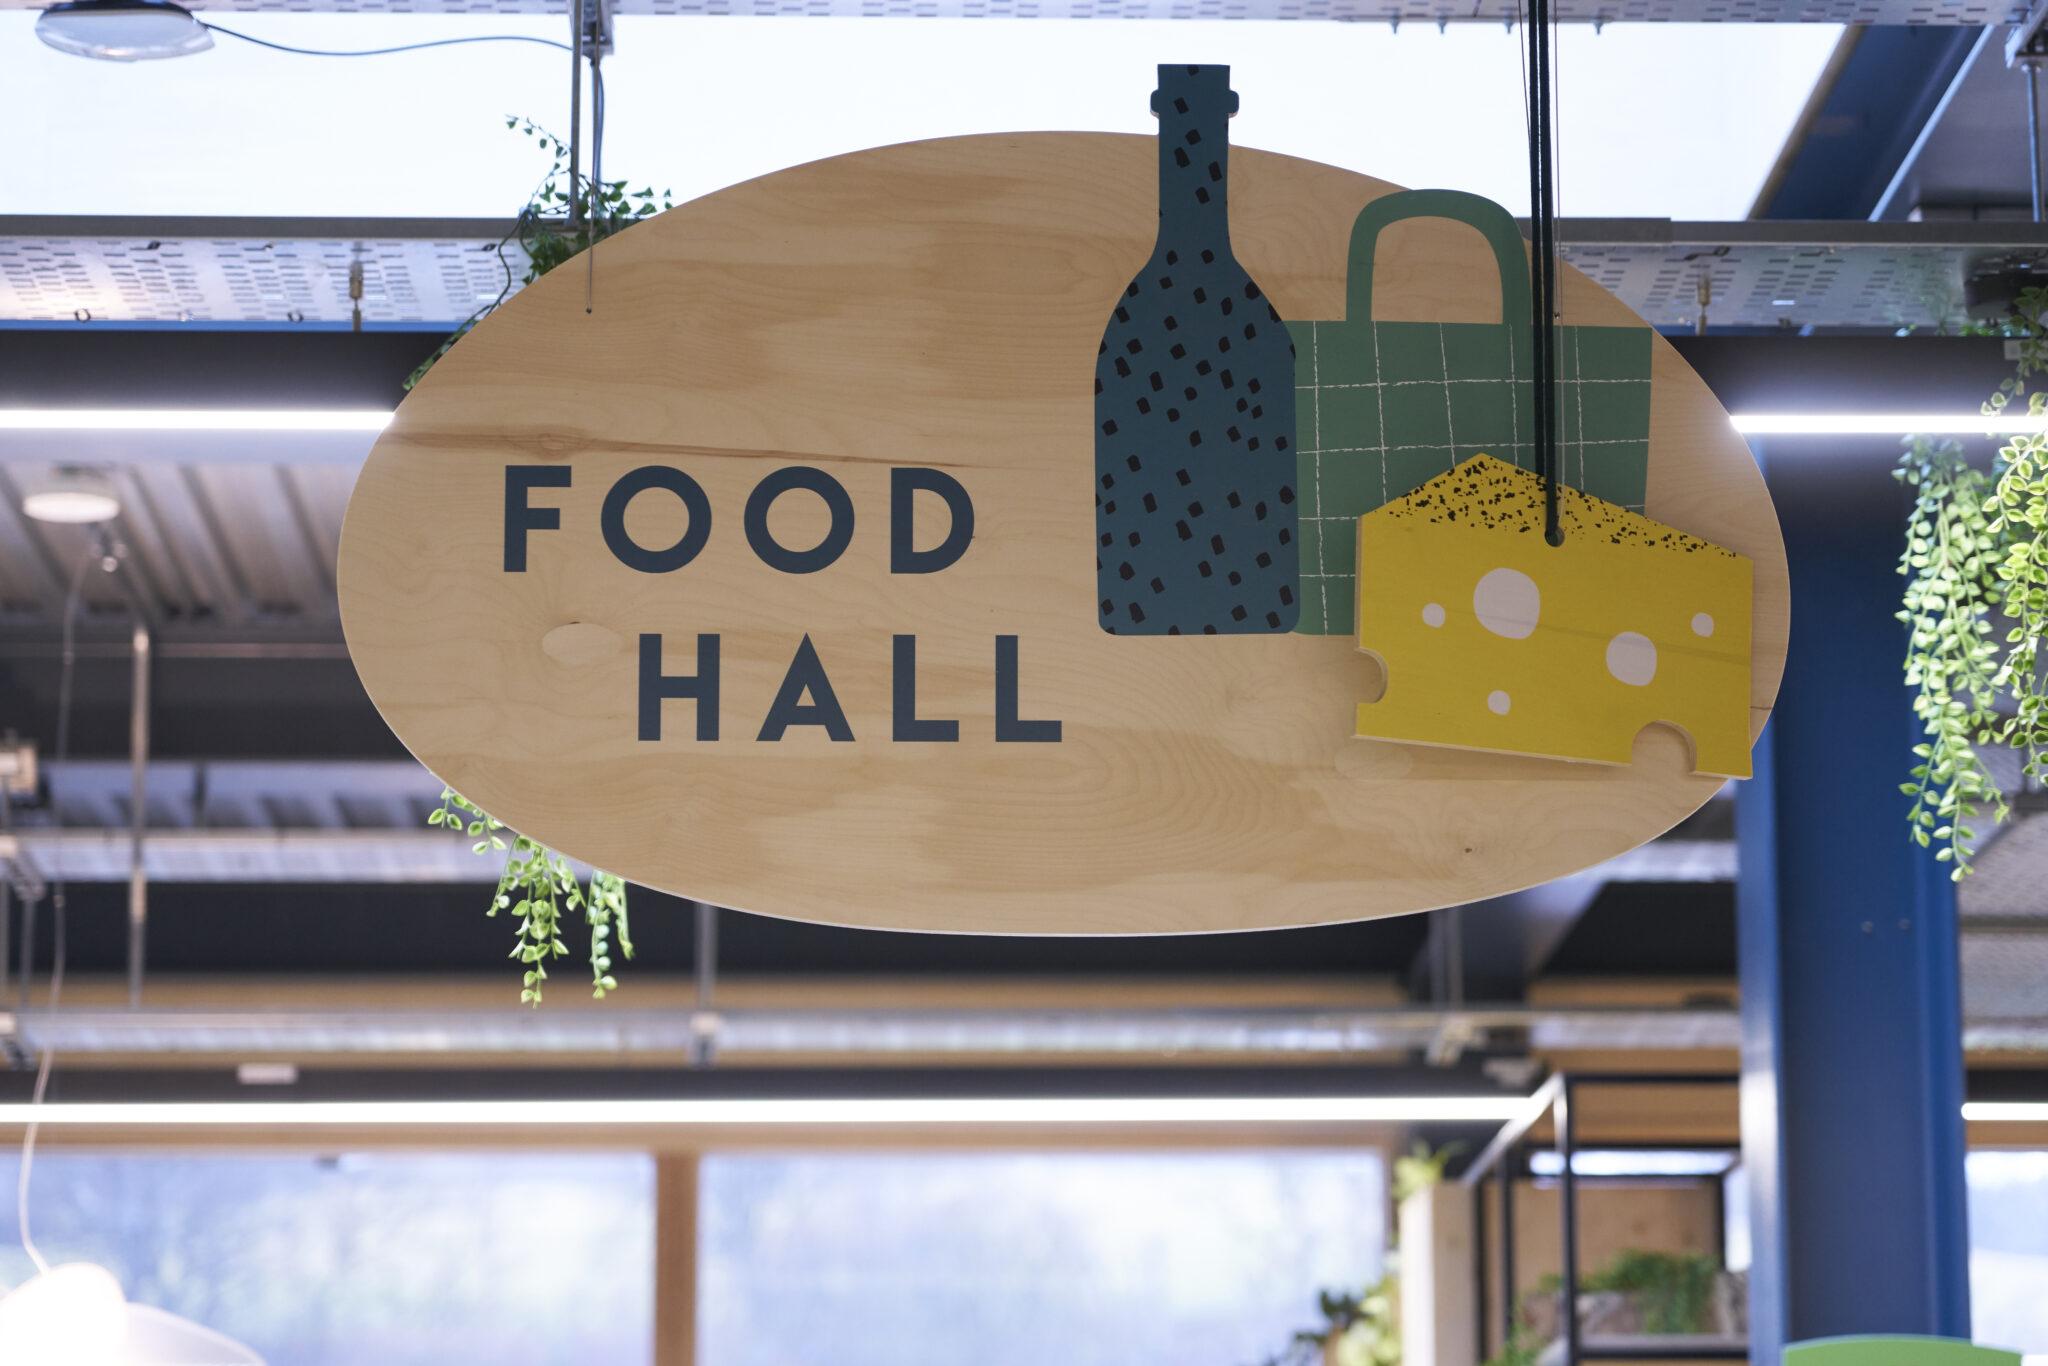 food hall sign